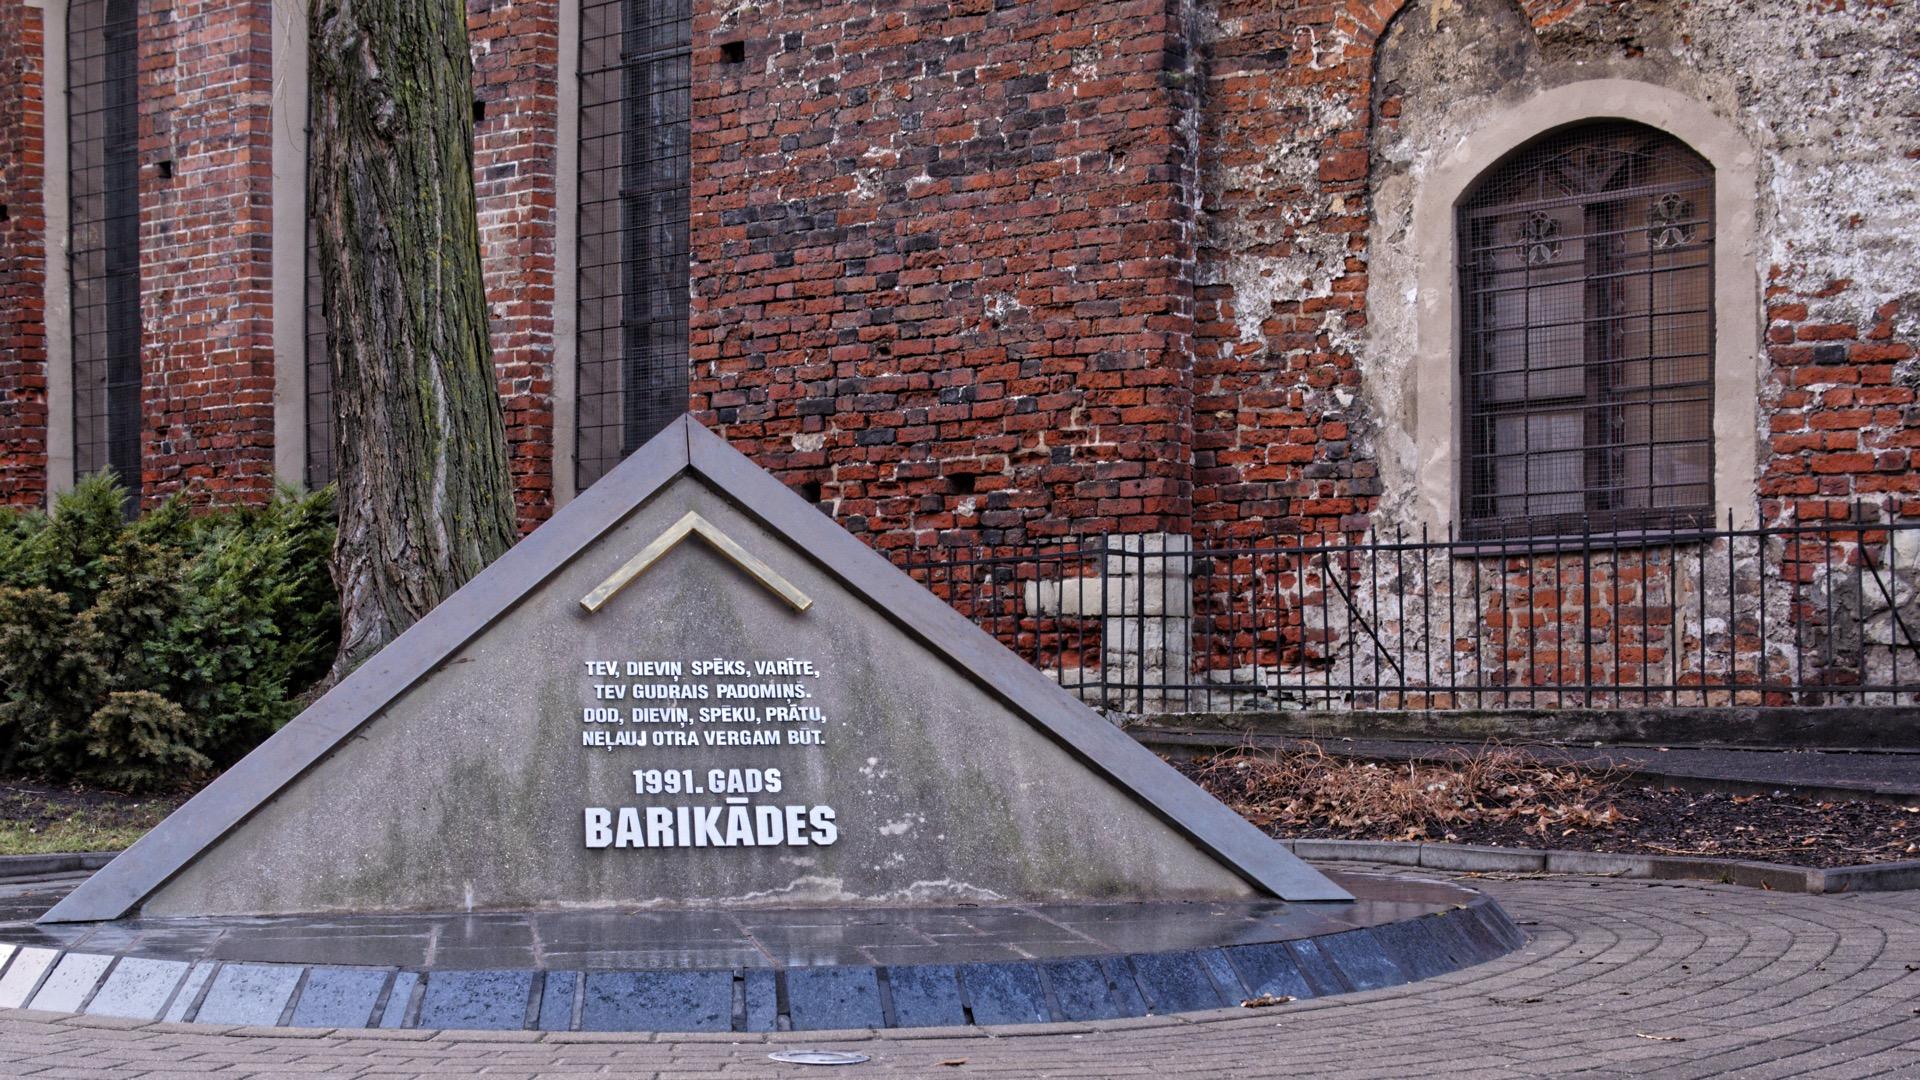 Bild: Die Letten haben die Unabhängigkeit von der Sowjetunion schwer erkämpfen müssen. Seit dem 1. Mai 2004 ist Lettland Mitglied der EU. OLYMPUS OM-D E-M1 mit LEICA DG SUMMILUX 25 mm / F1.4. ISO 200 ¦ f/5,6 ¦ 25 mm ¦ 1/30 s ¦ kein Blitz. Klicken Sie auf das Bild um es zu vergrößern.